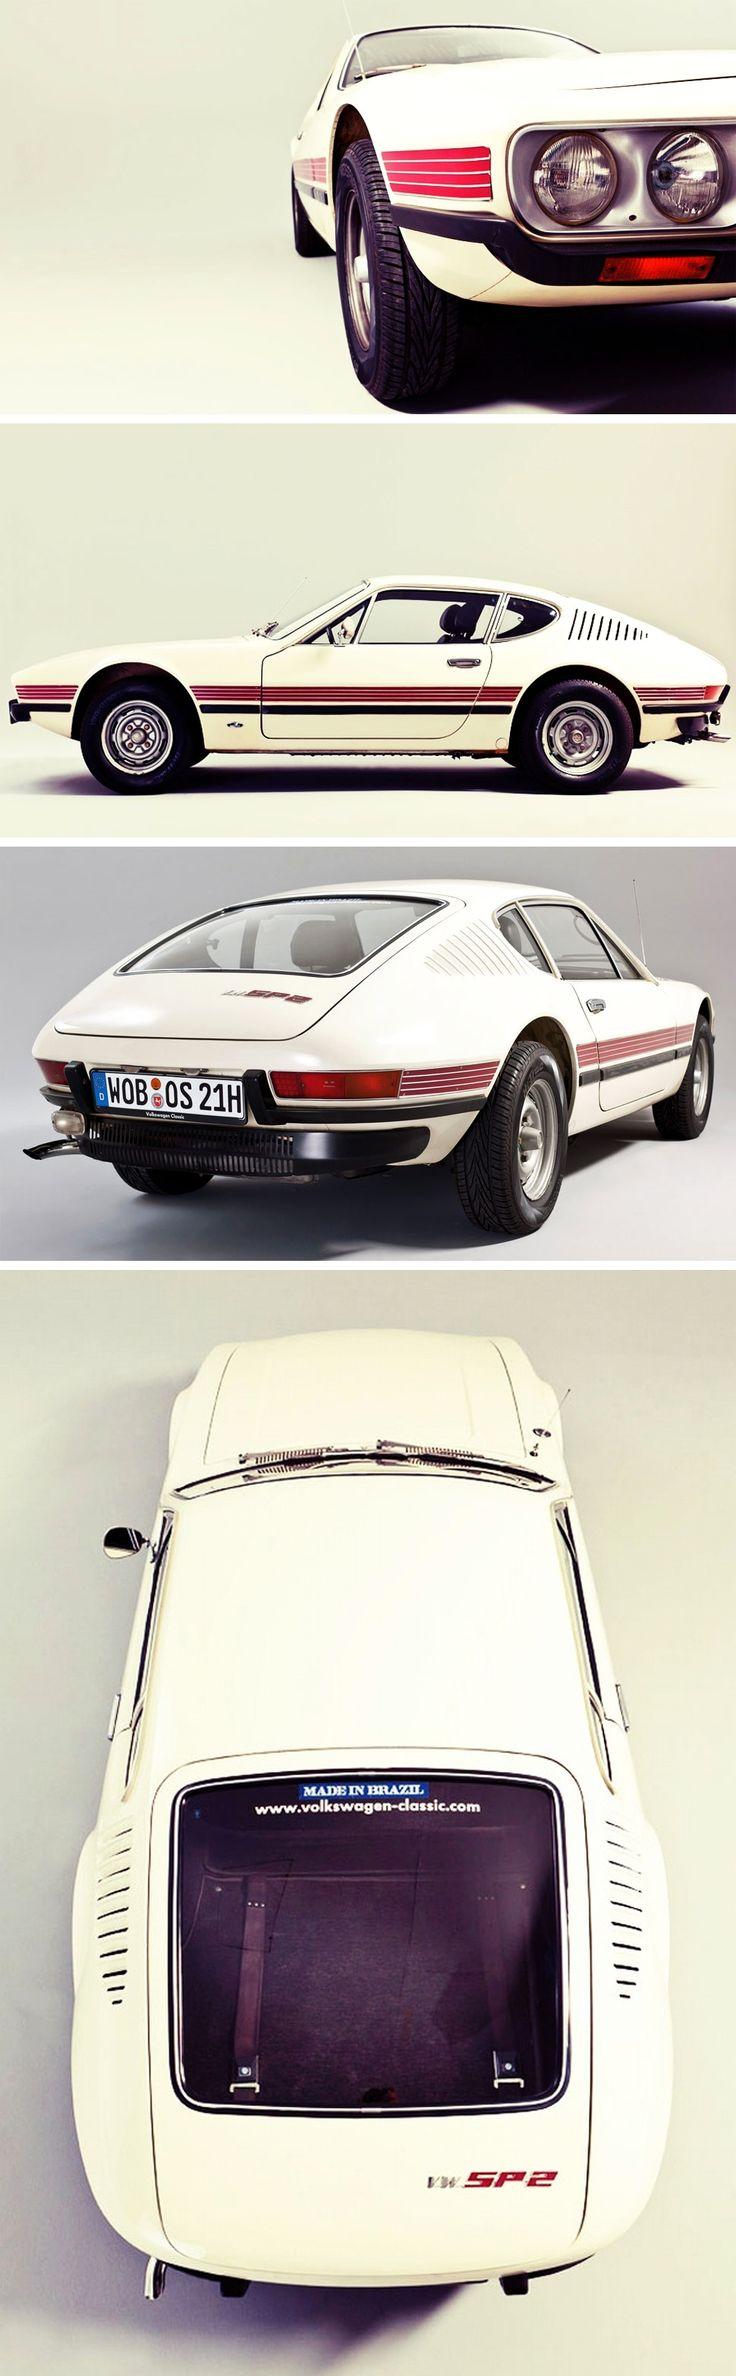 Volkswagen SP2 - Brazil